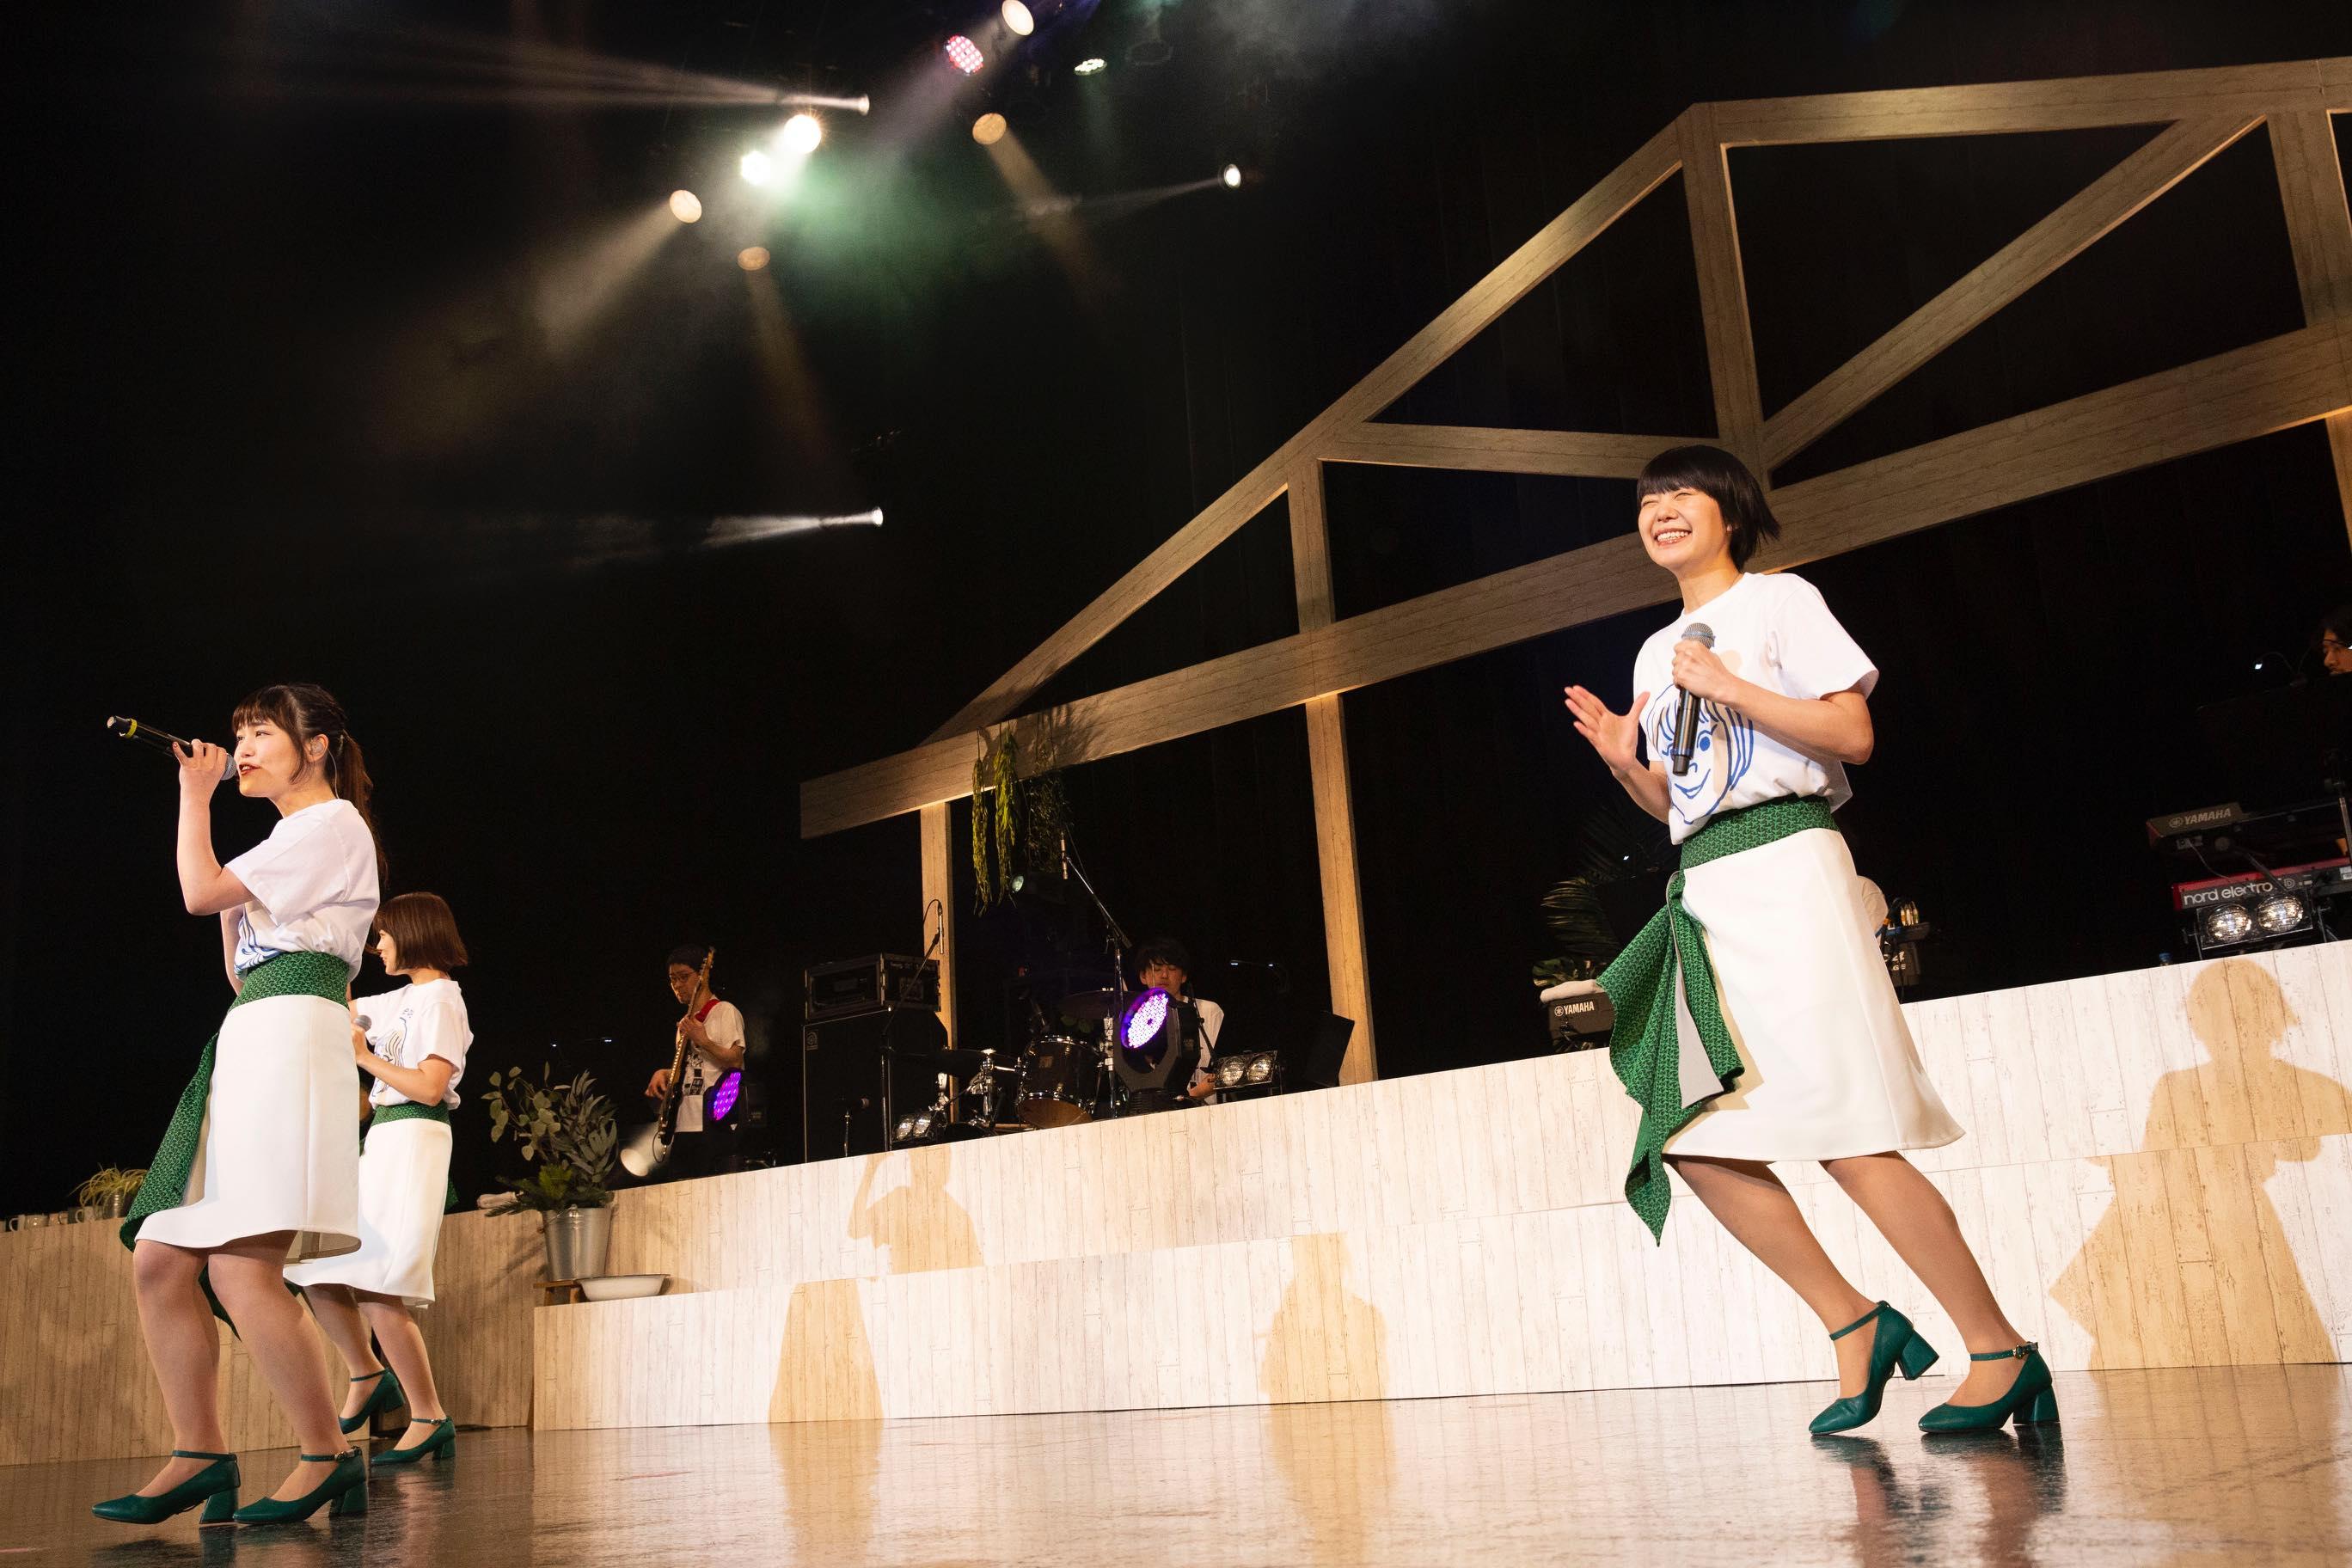 私立恵比寿中学・Negiccoの魅力がバンドで盛り盛り!「エビネギ2」レポート【写真9枚】の画像007